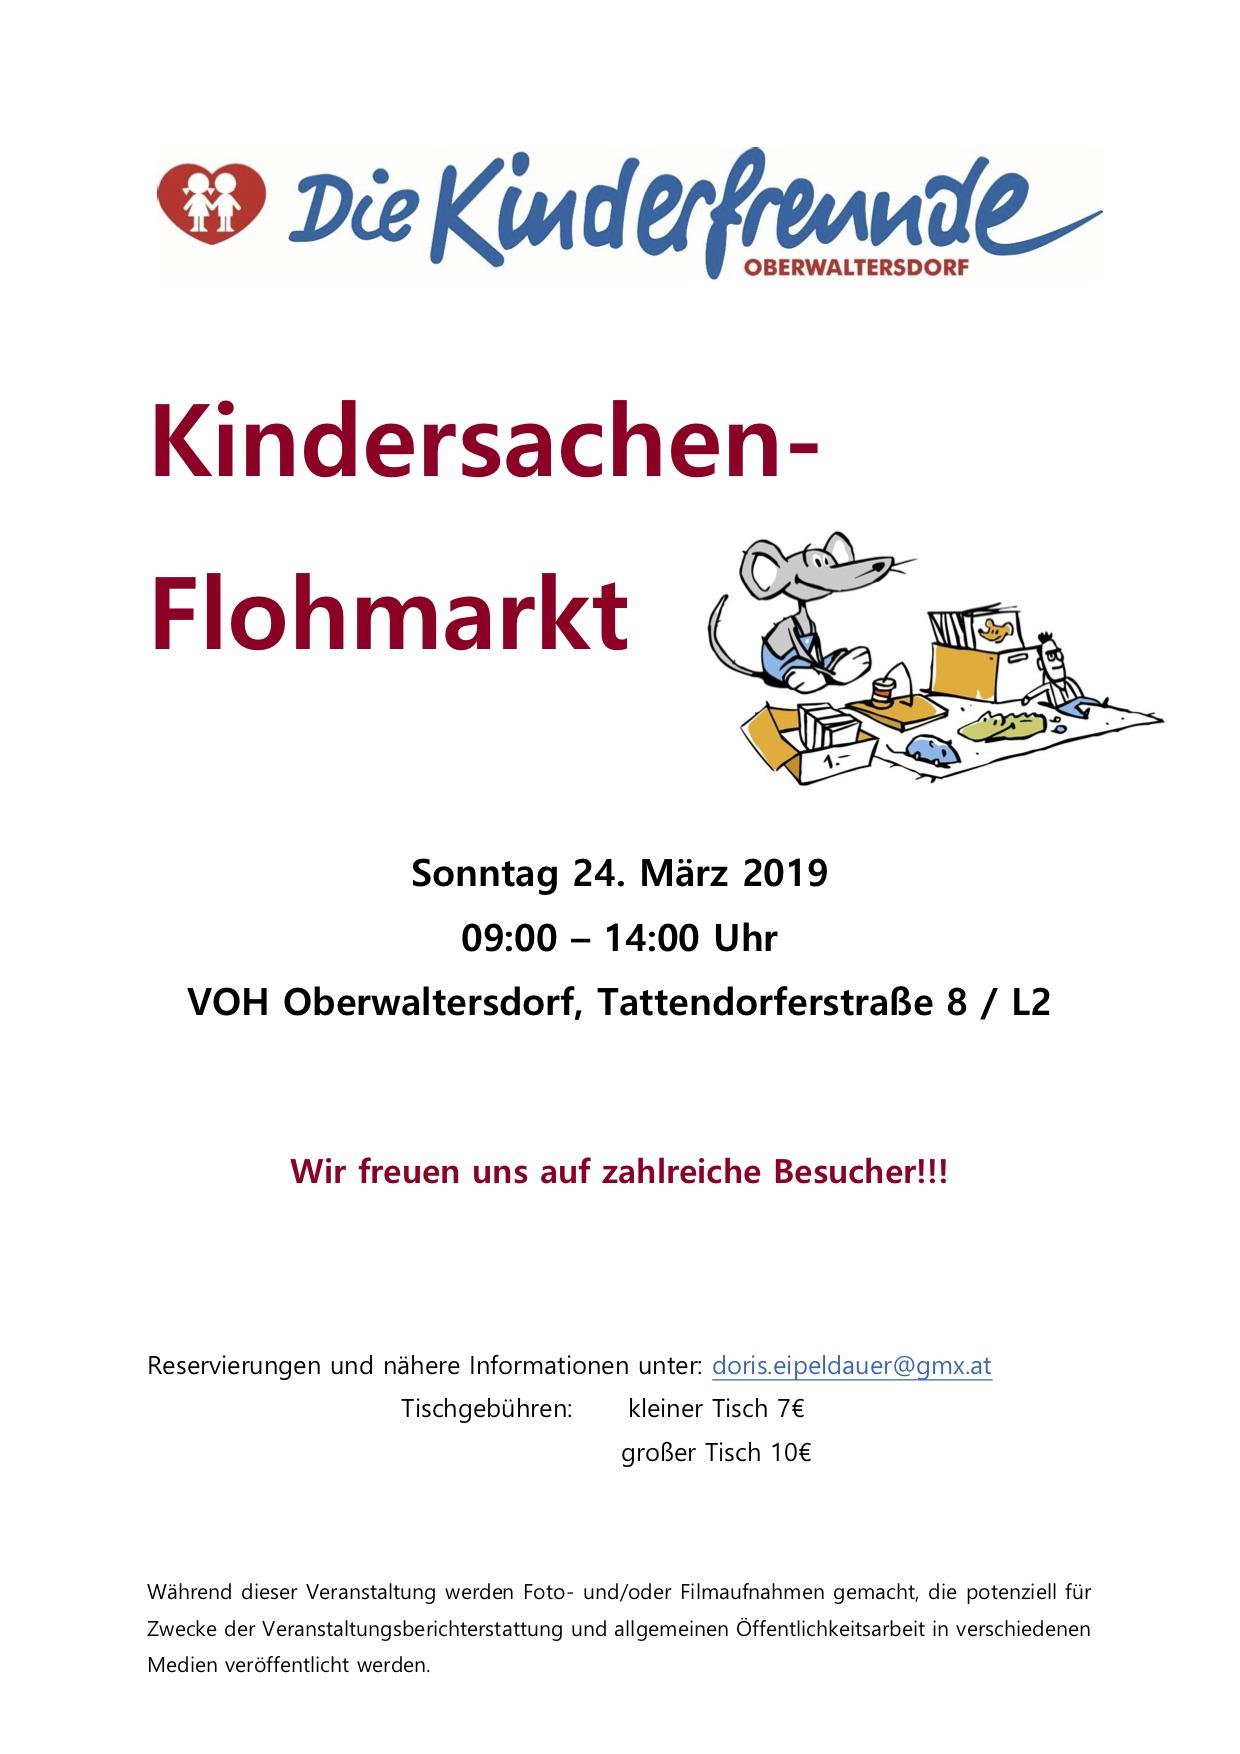 20190324_Kindersachen-Flohmarkt